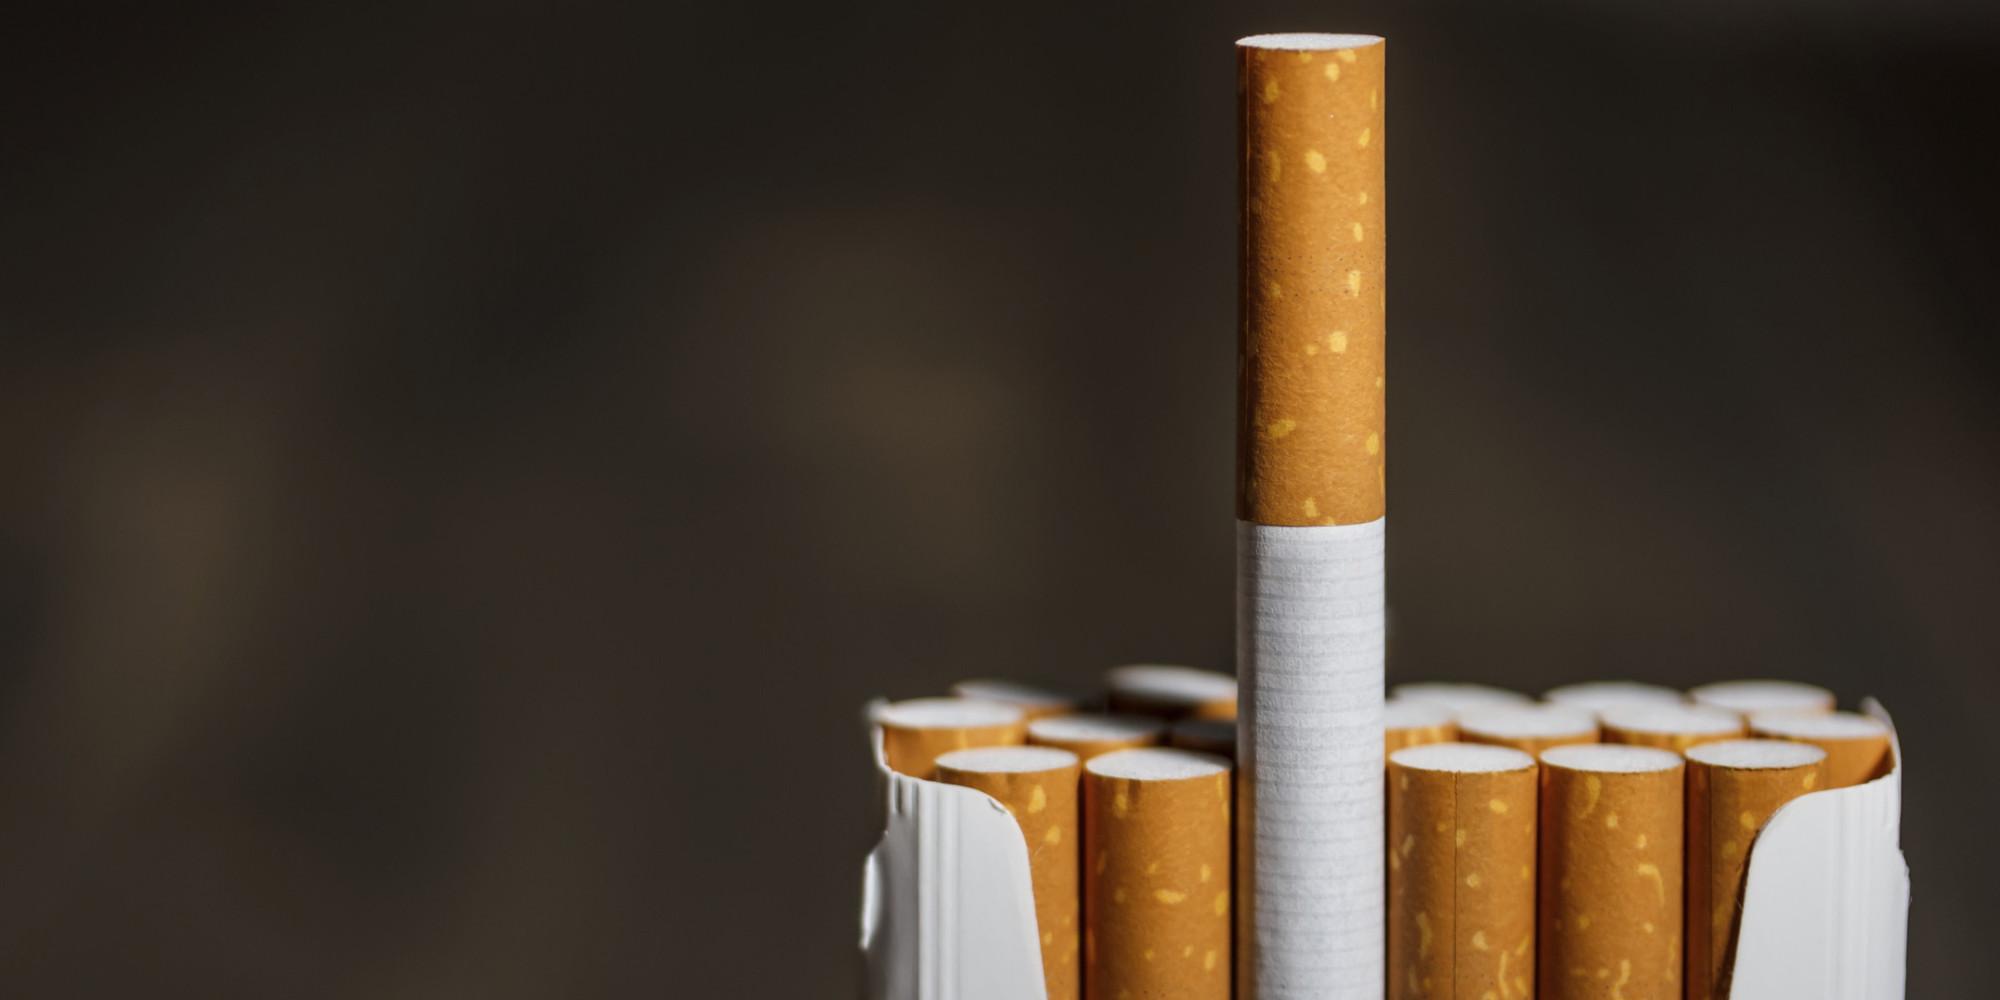 Smettere di fumare sigarette Voronezh